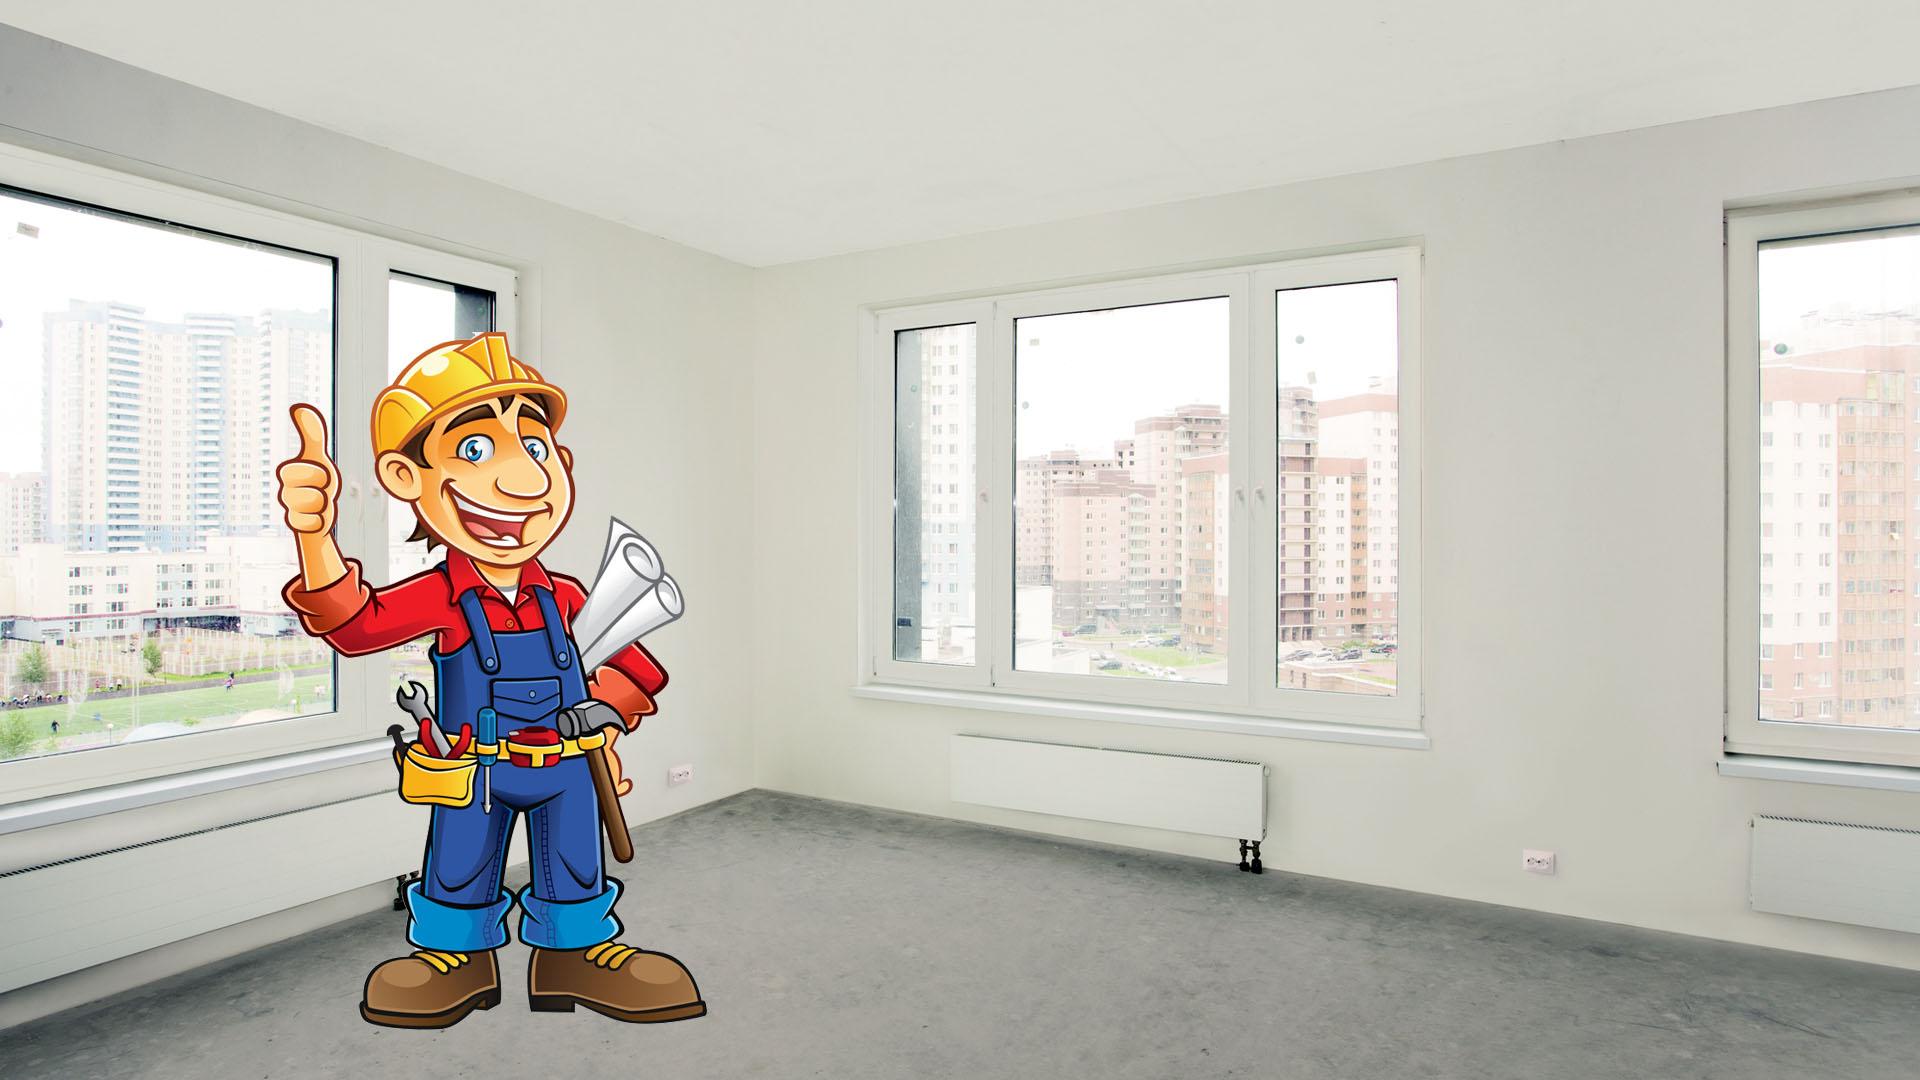 Большинство Дольщиков не имеют представления о том, в каком состоянии Застройщик должен сдать квартиру, на какие позиции обращать внимание при приемке квартиры.А как это сделать? Приемка квартиры. Поможем грамотно оформить.